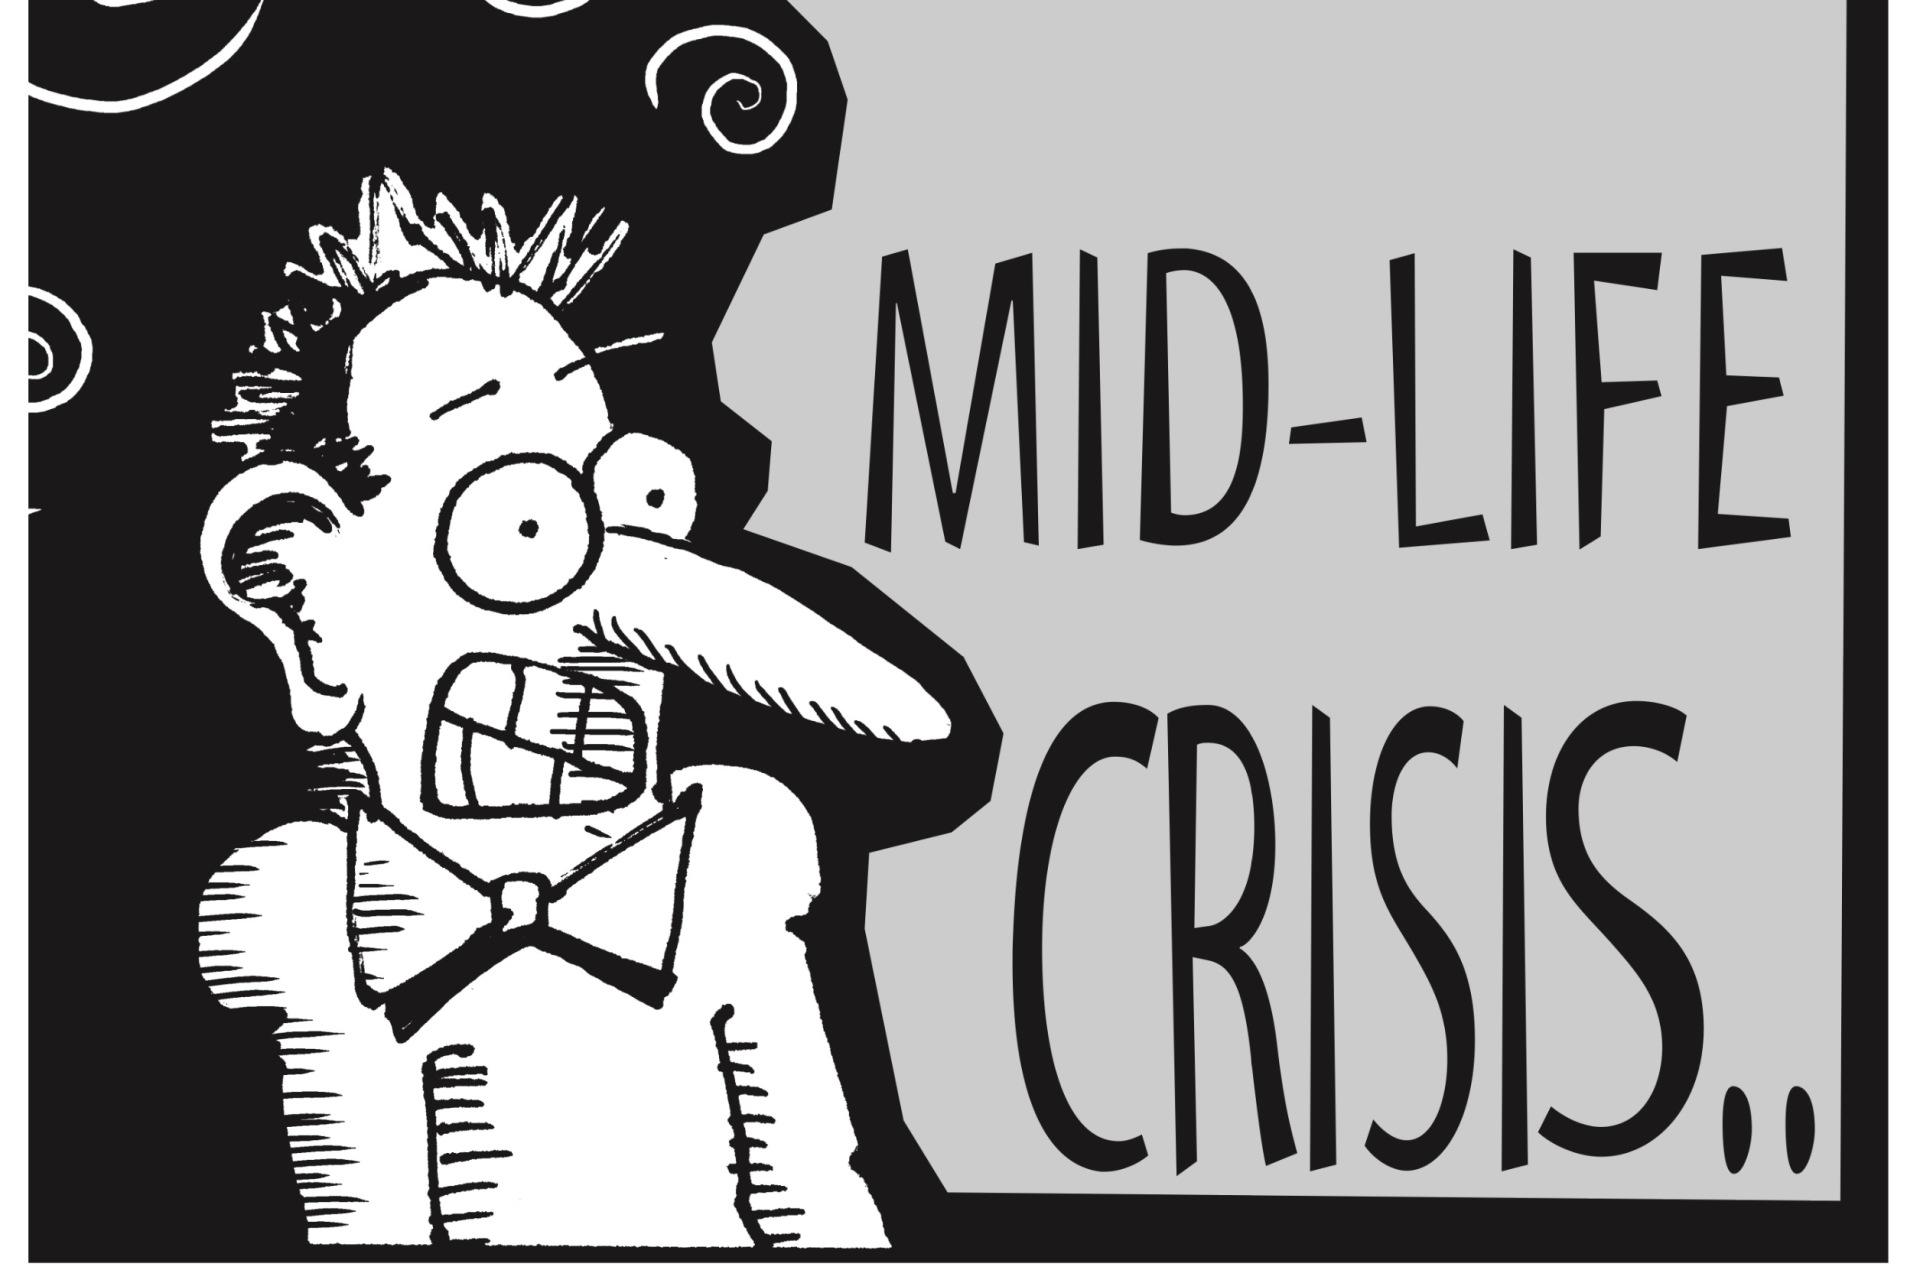 MID-LIFE CRISIS, STARK PLUG BOOK, CHAPTER 6, PAGE 61